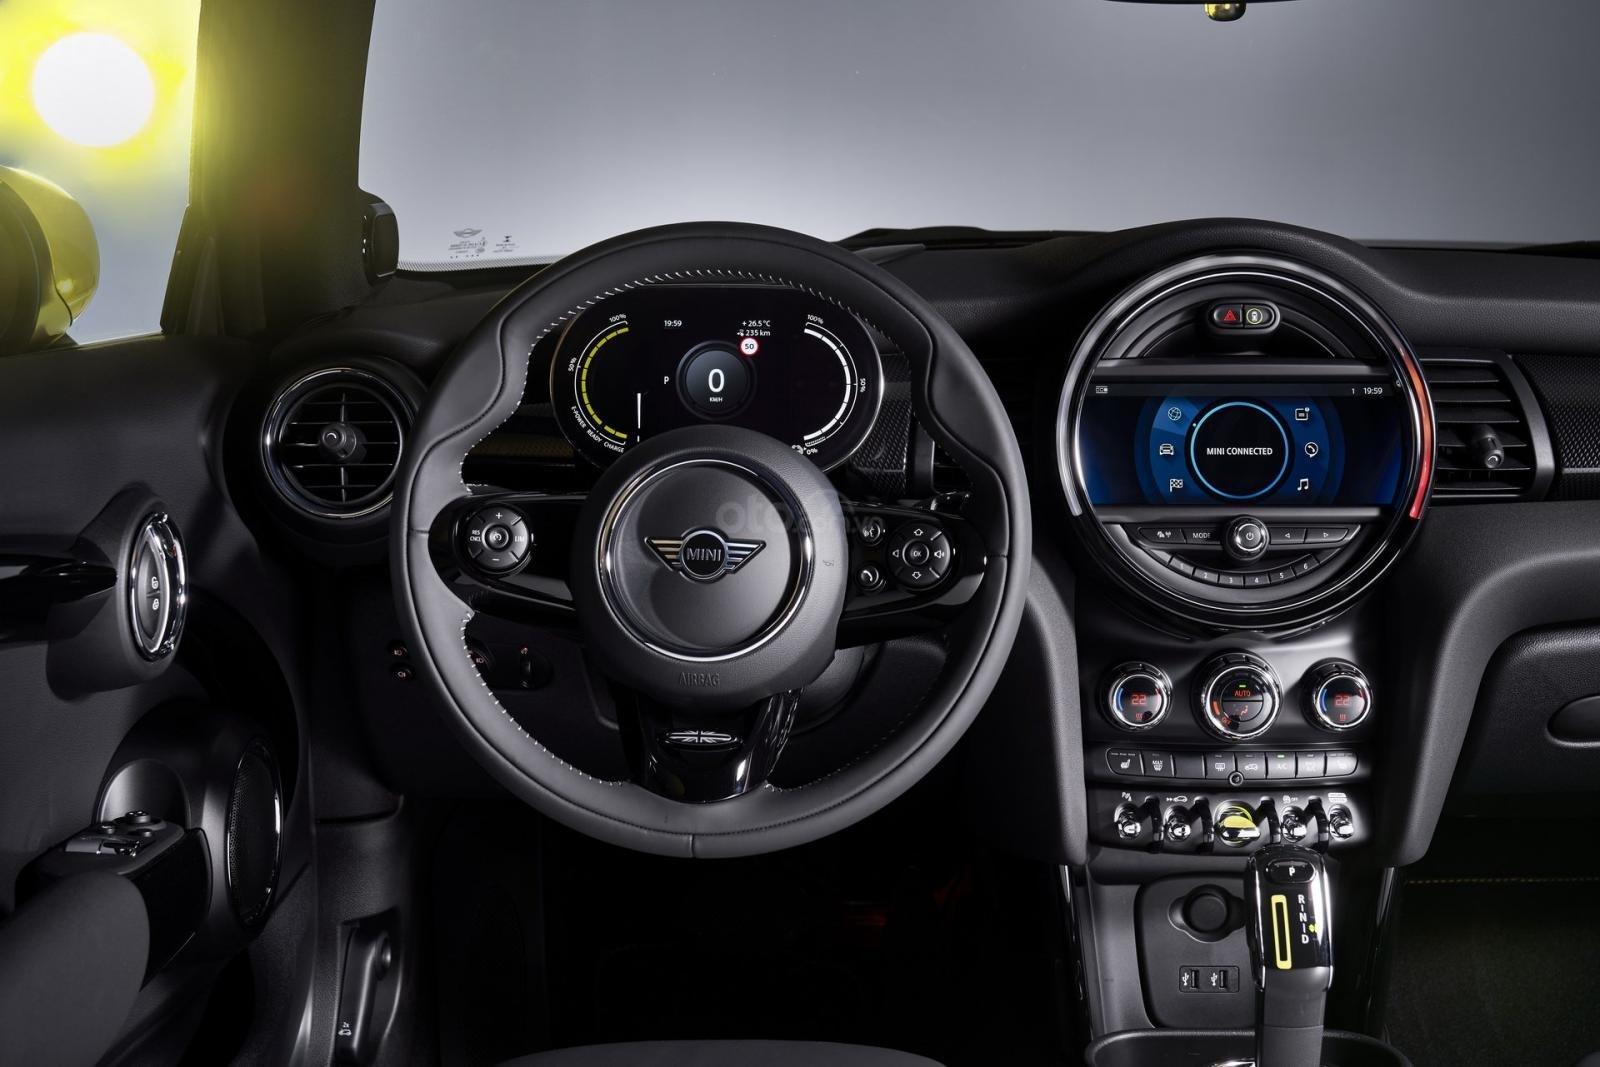 MINI Cooper SE tích hợp các tinh túy của thiết kế nội thất